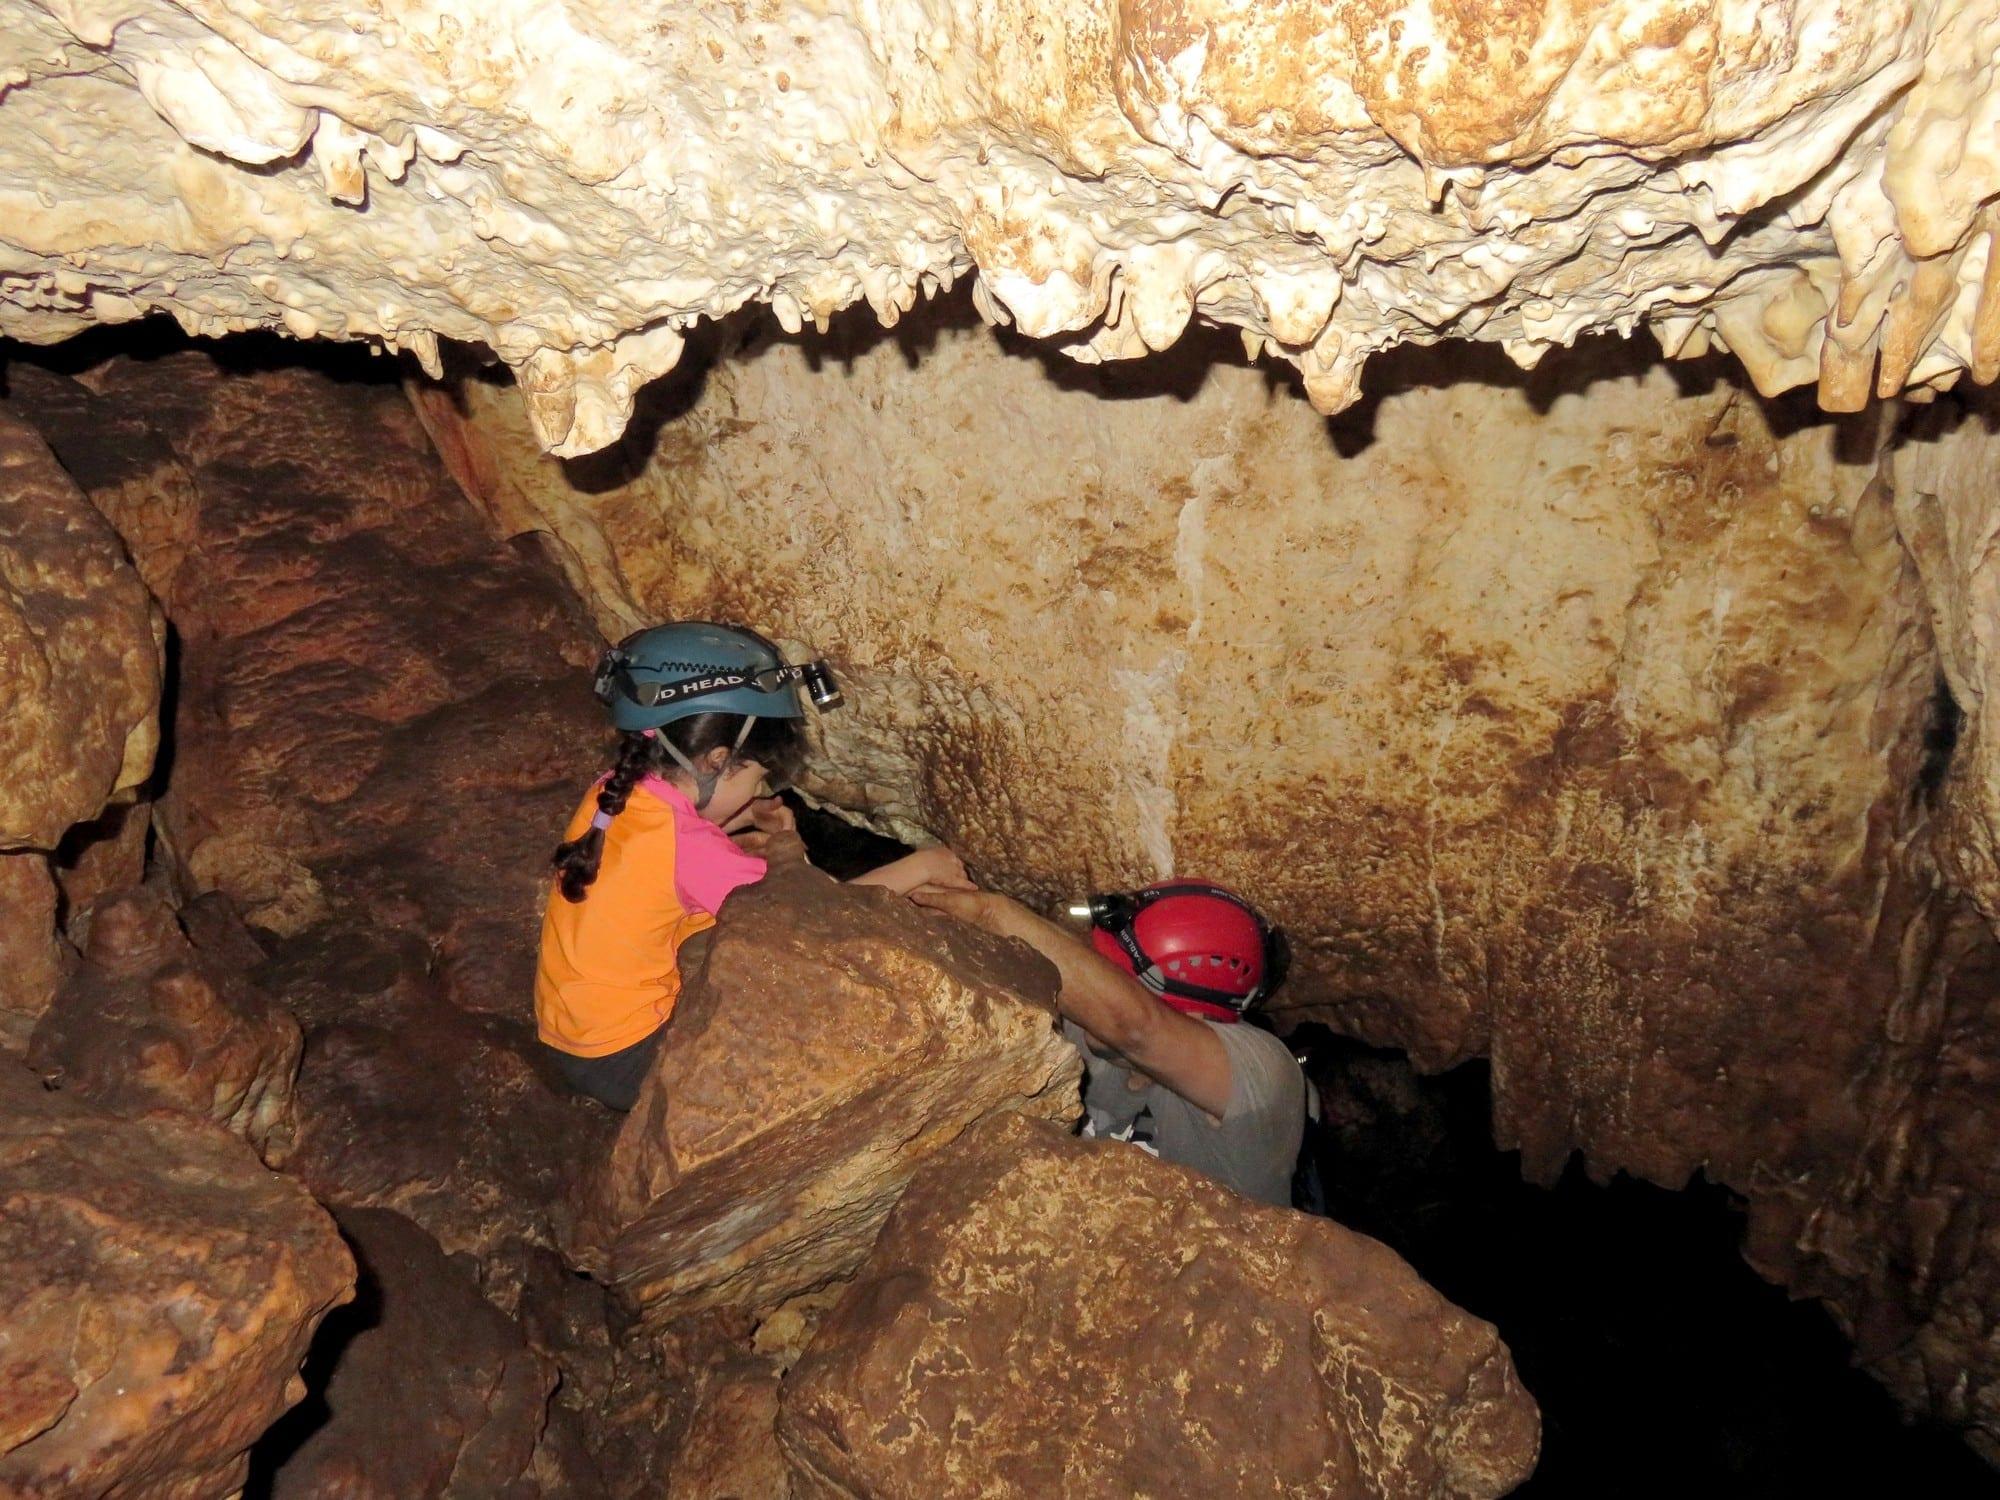 טיול משפחות במערת עלמה בגליל - ערוצים בטבע